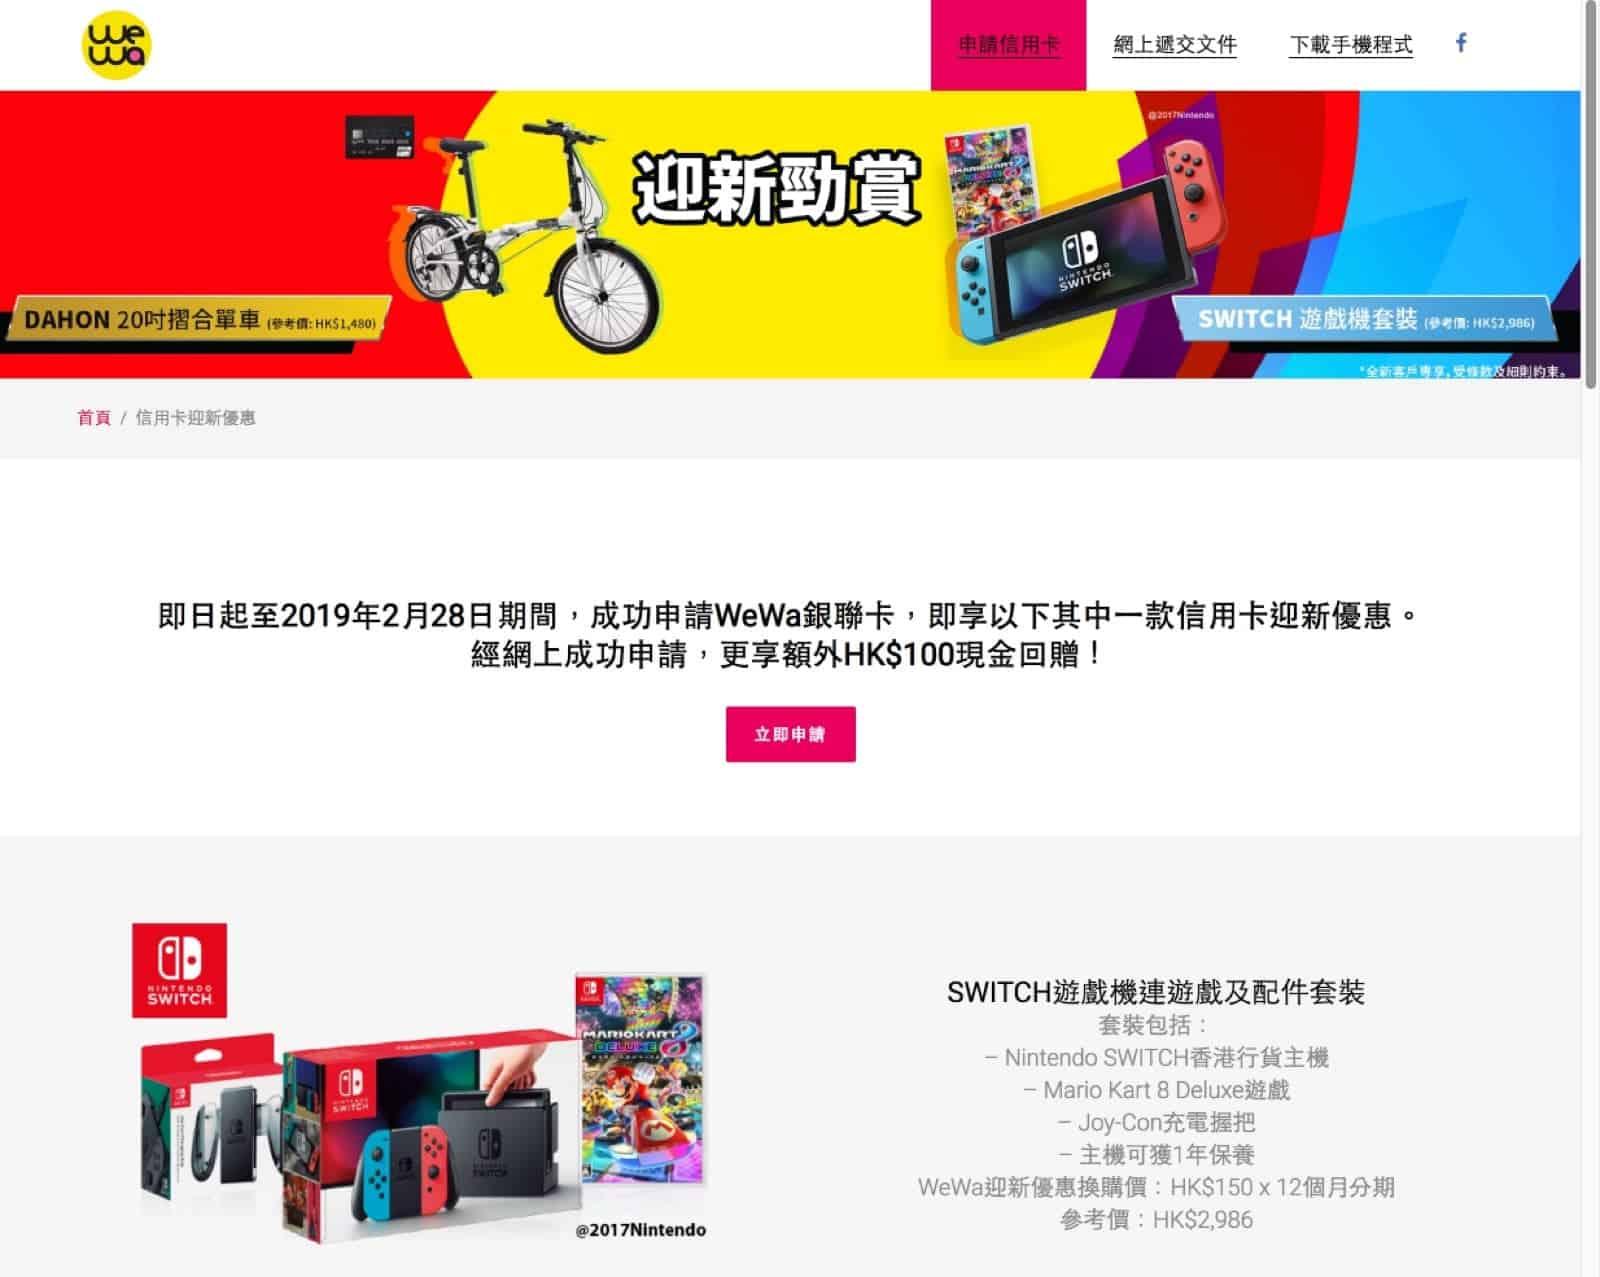 申請 安信 WeWa/ EarnMore 信用卡網上獨家迎新優惠-額外HK$100現金回贈 | 慳家@香港 HK